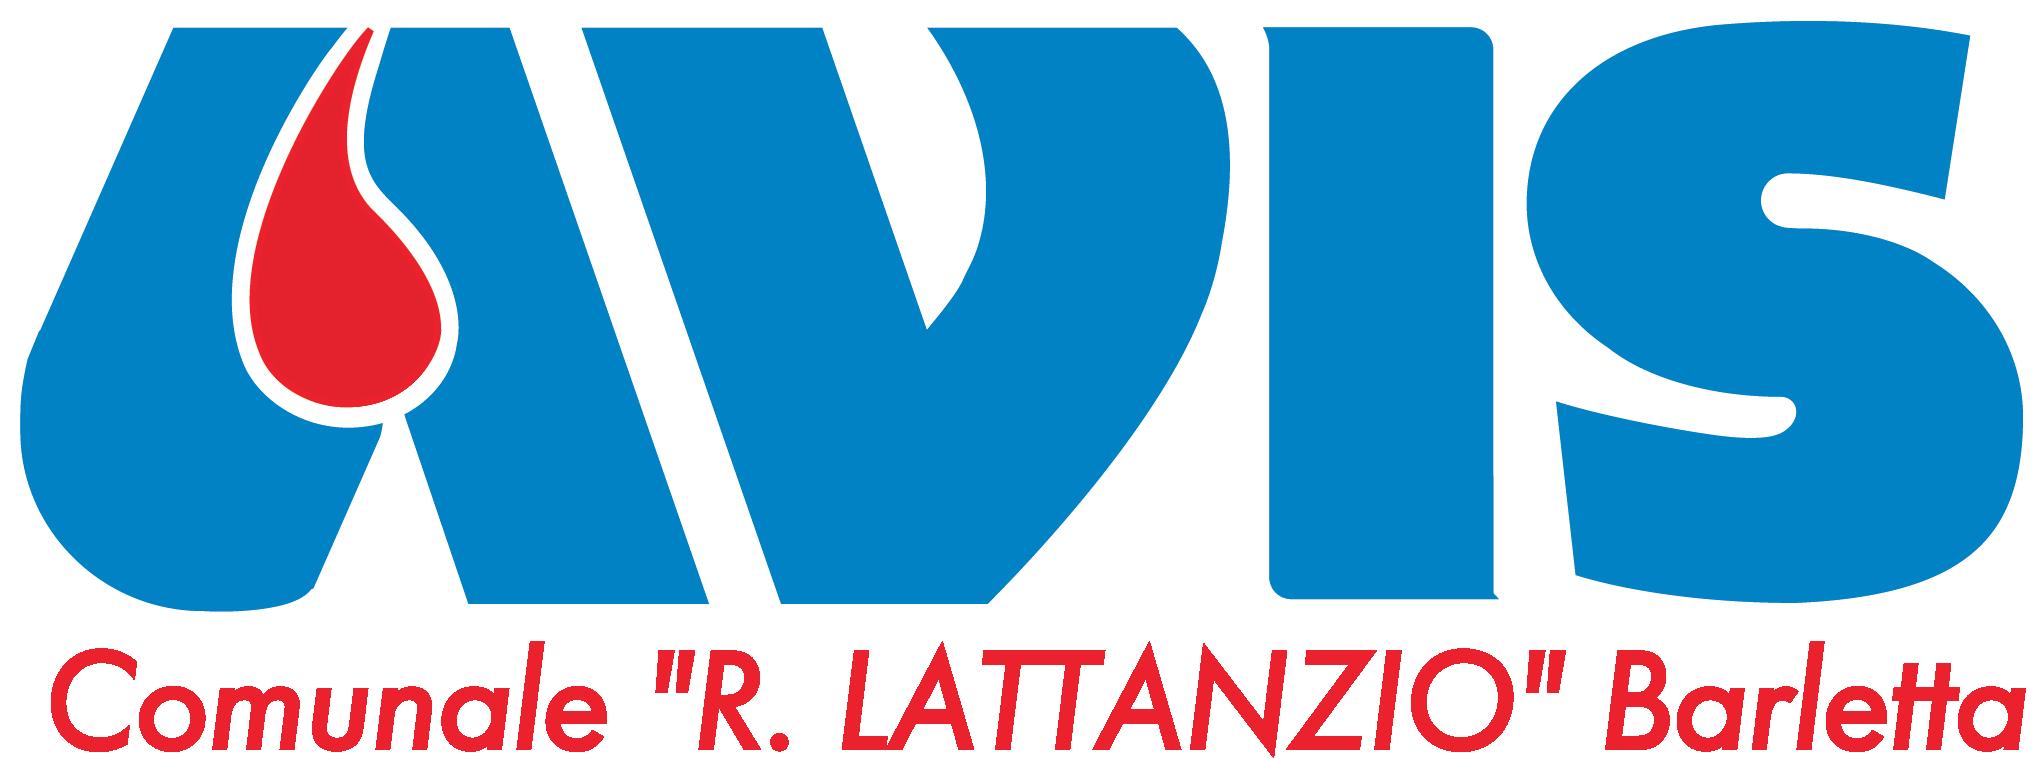 Sito ufficiale Avis Barletta